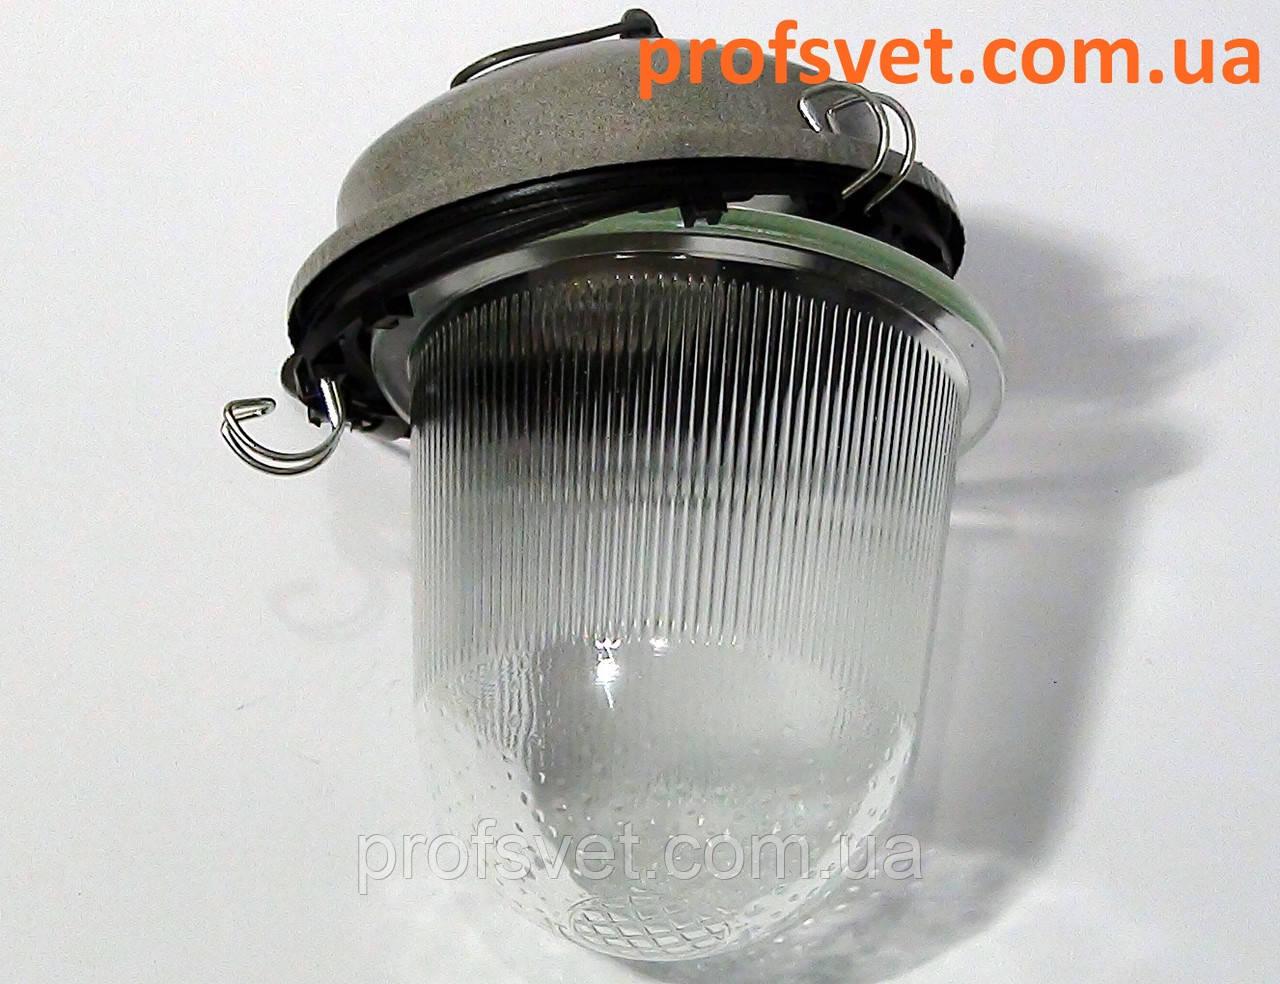 Светильник подвесной НСП 100 вт е27 желудь